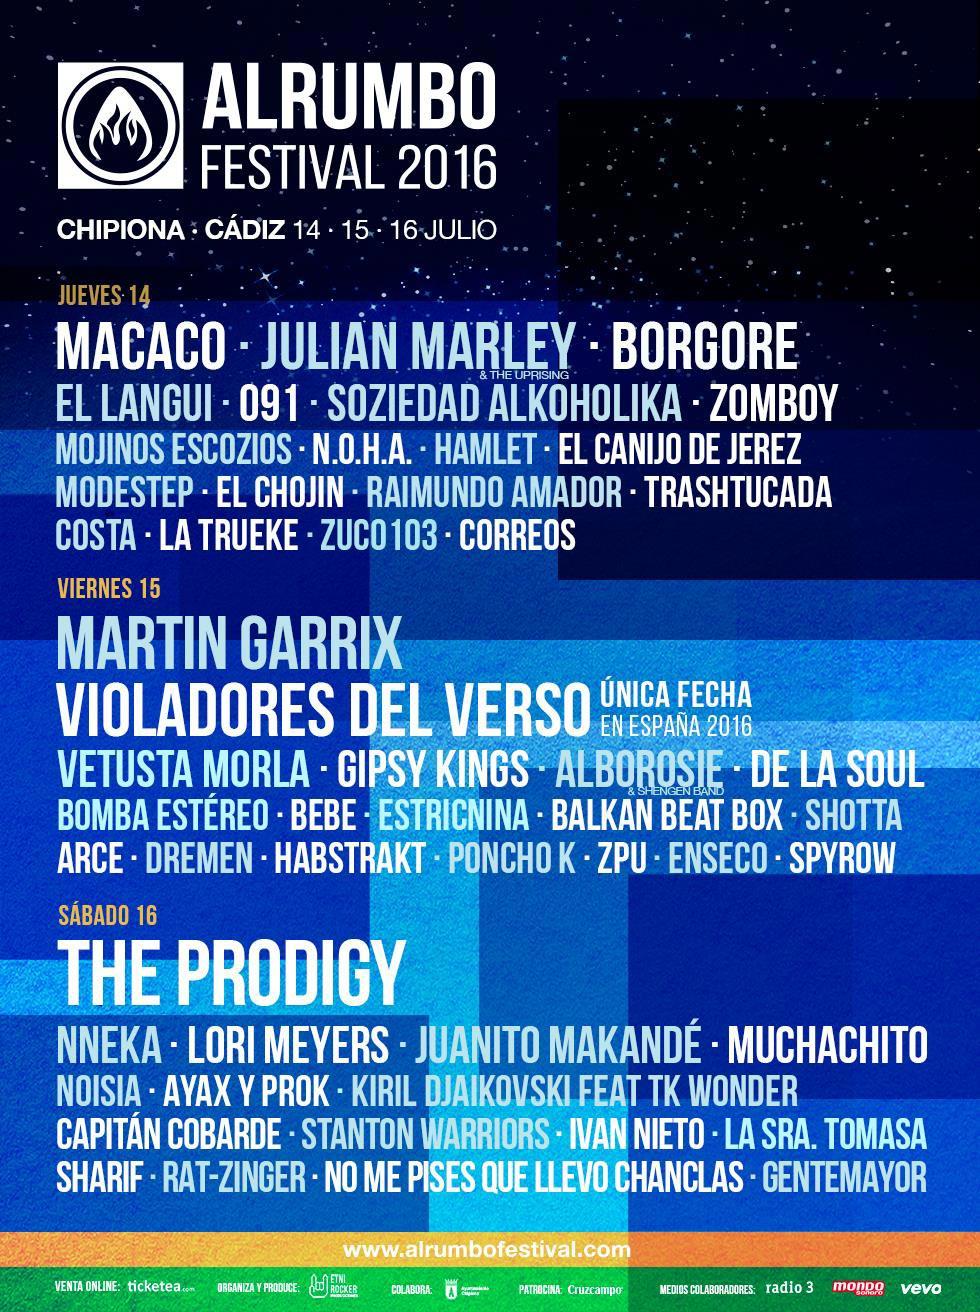 Cartel por días del Alrumbo Festival 2016